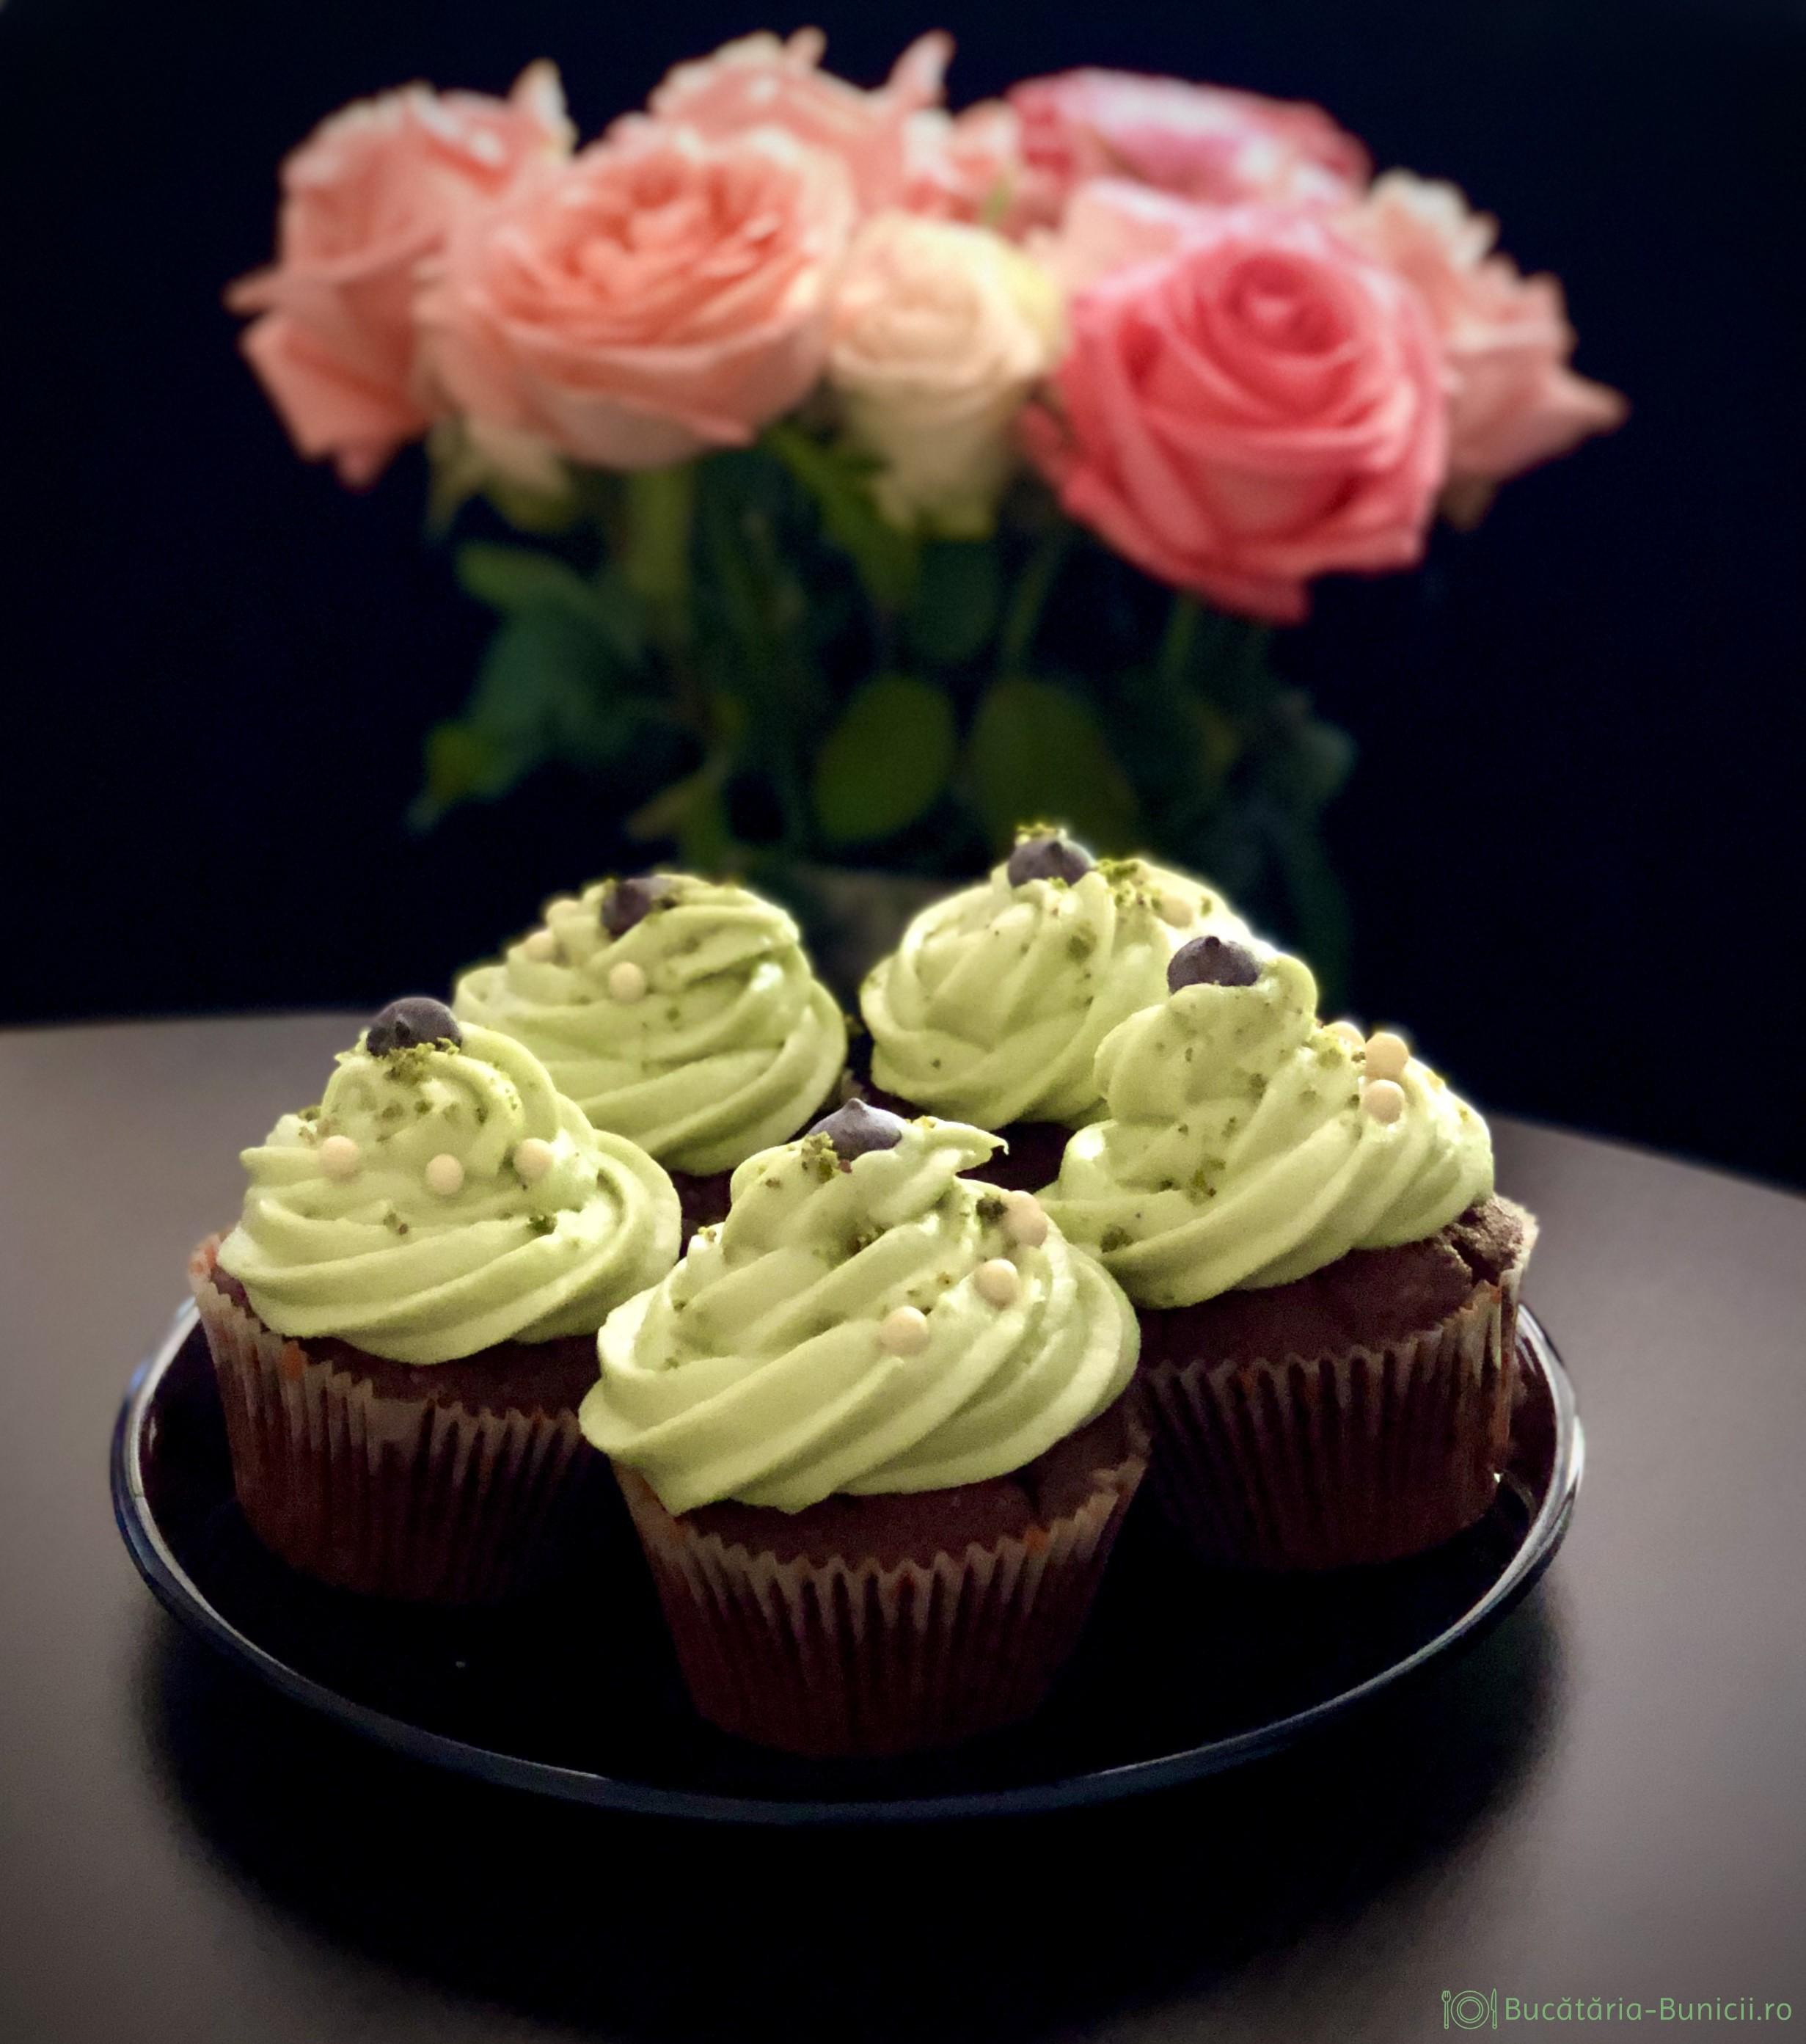 Cupcakes cu crema de fistic